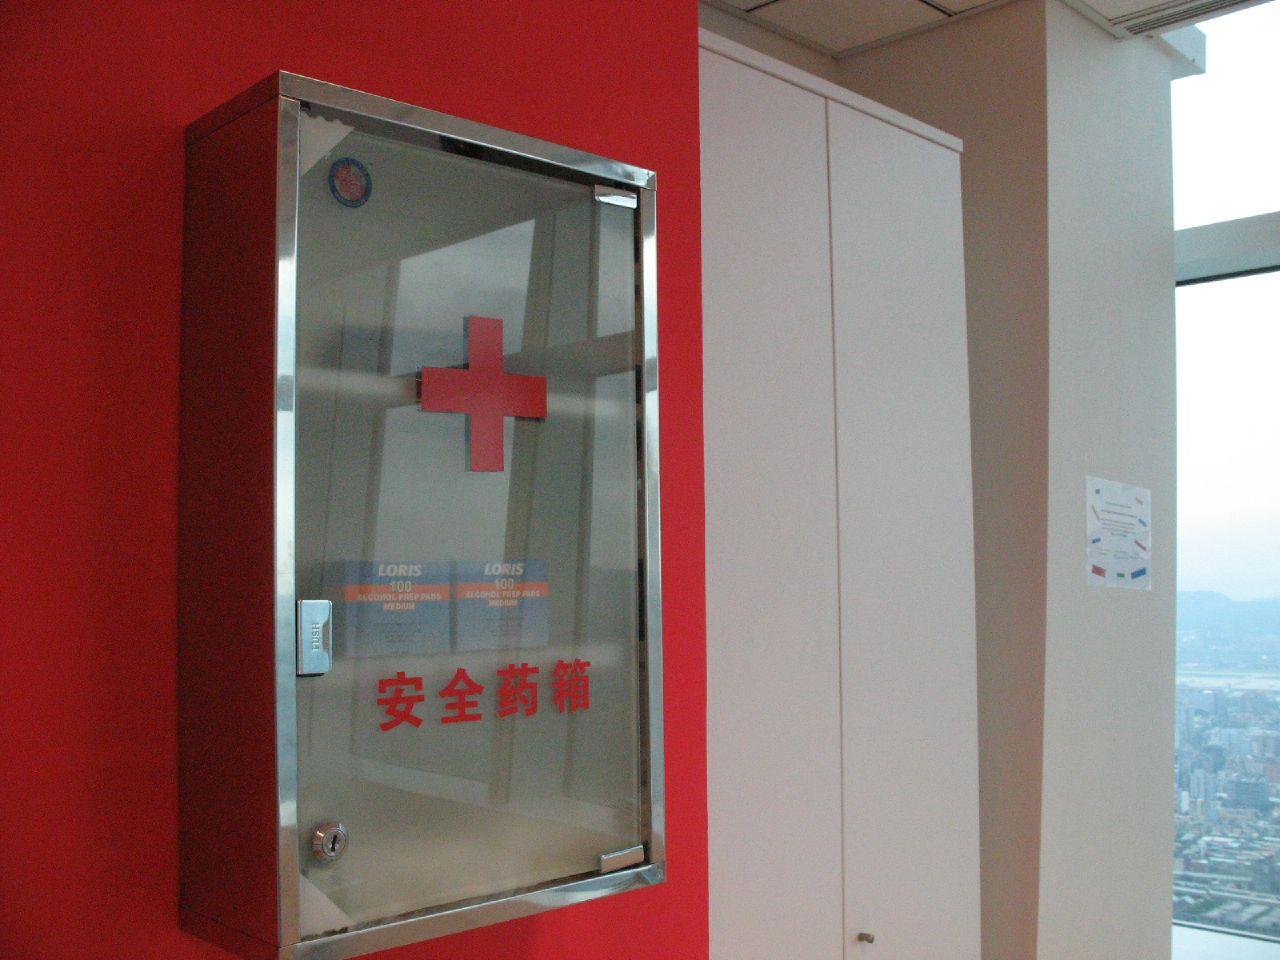 全世界最高的google急救箱